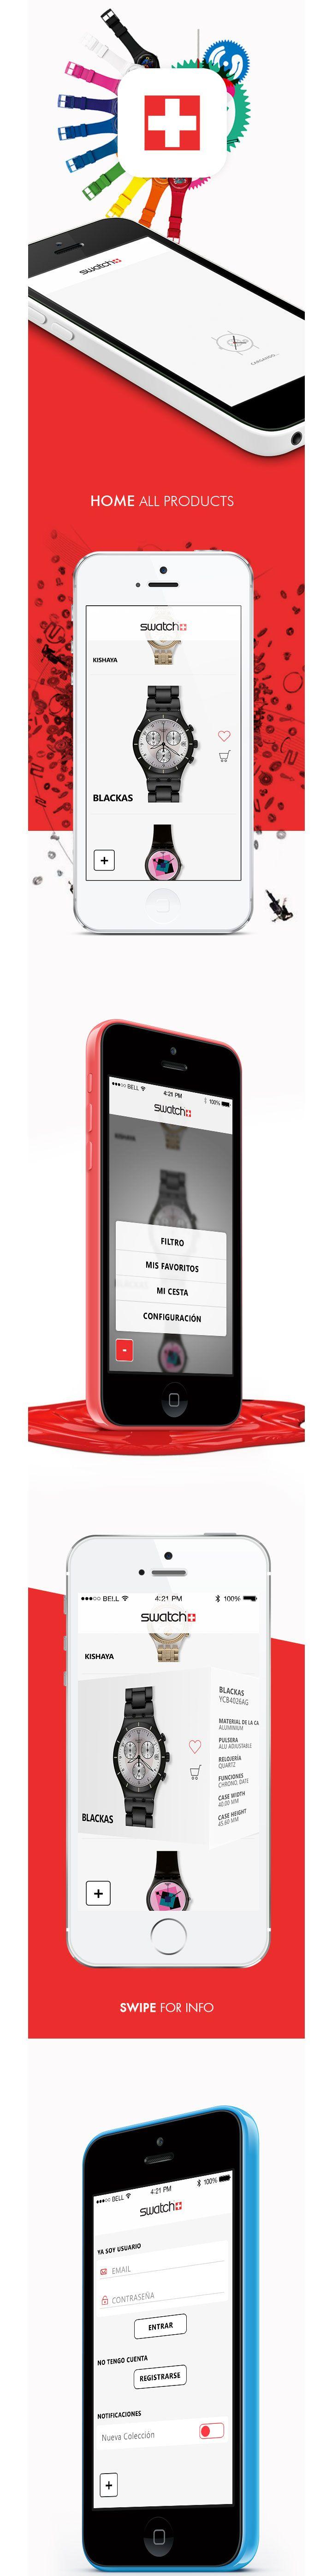 Daily Mobile UI Design Inspiration #359